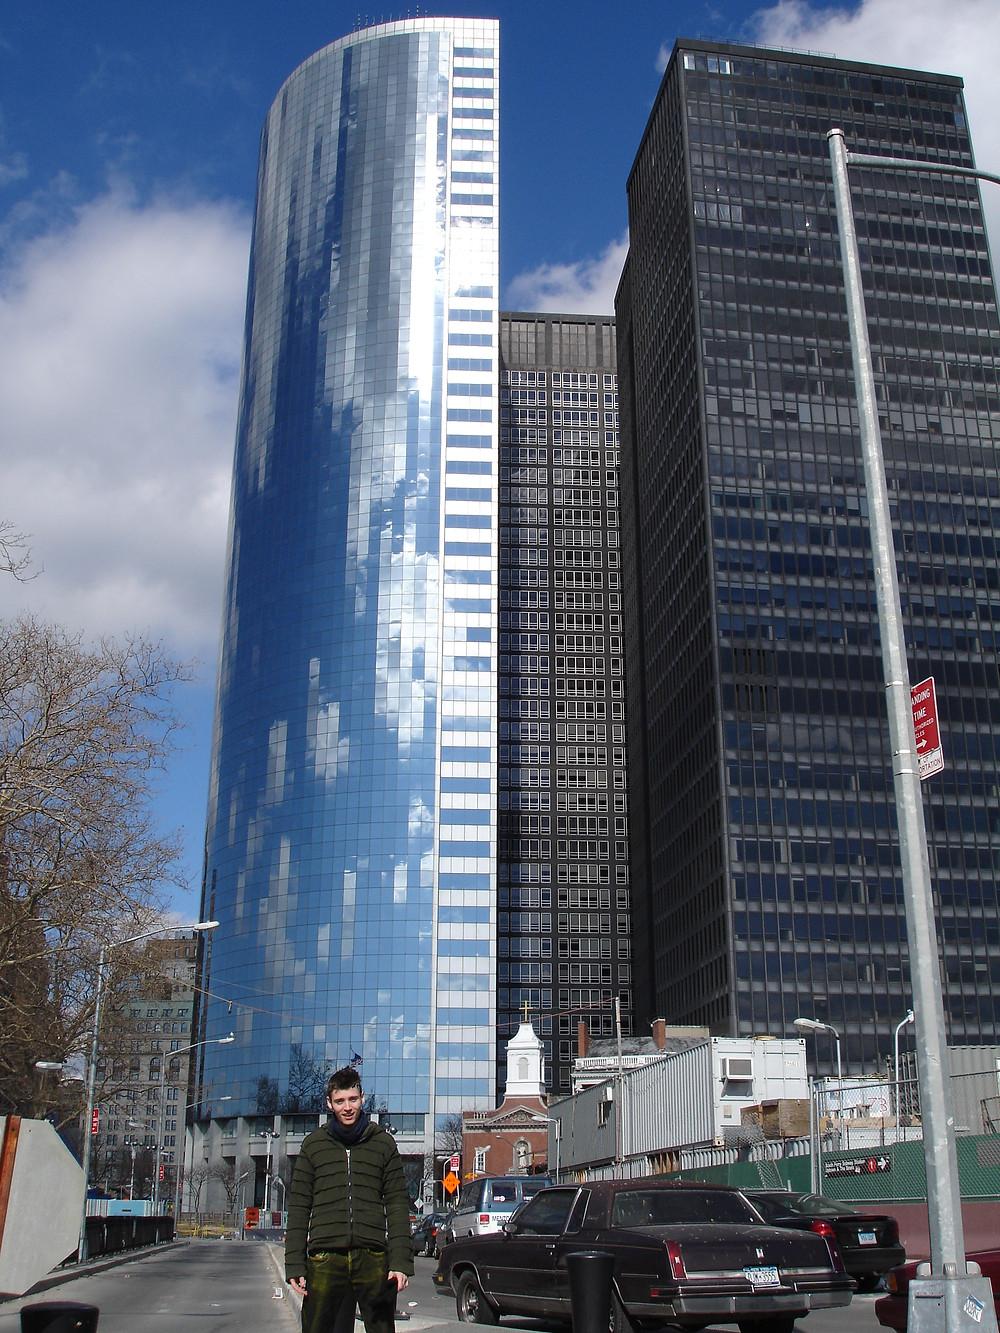 Digital clouds in the buildings in NYC